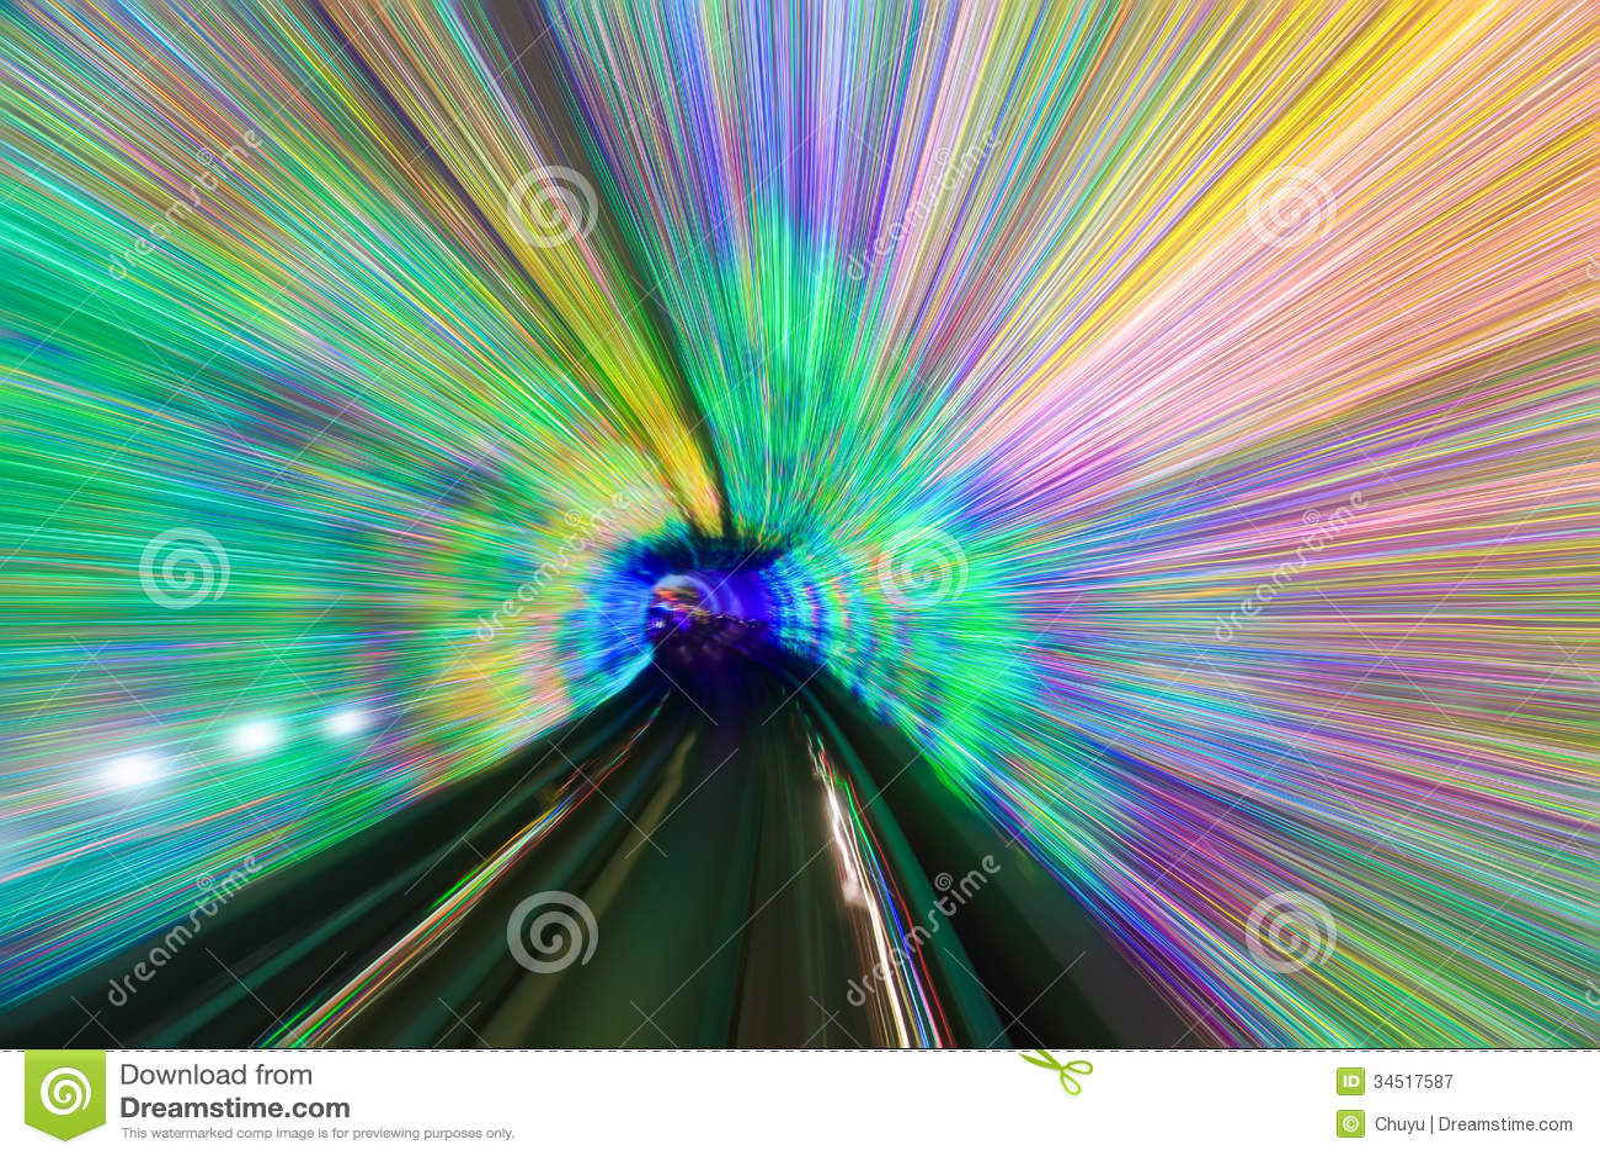 Bewegung fasten im bunten Tunnel